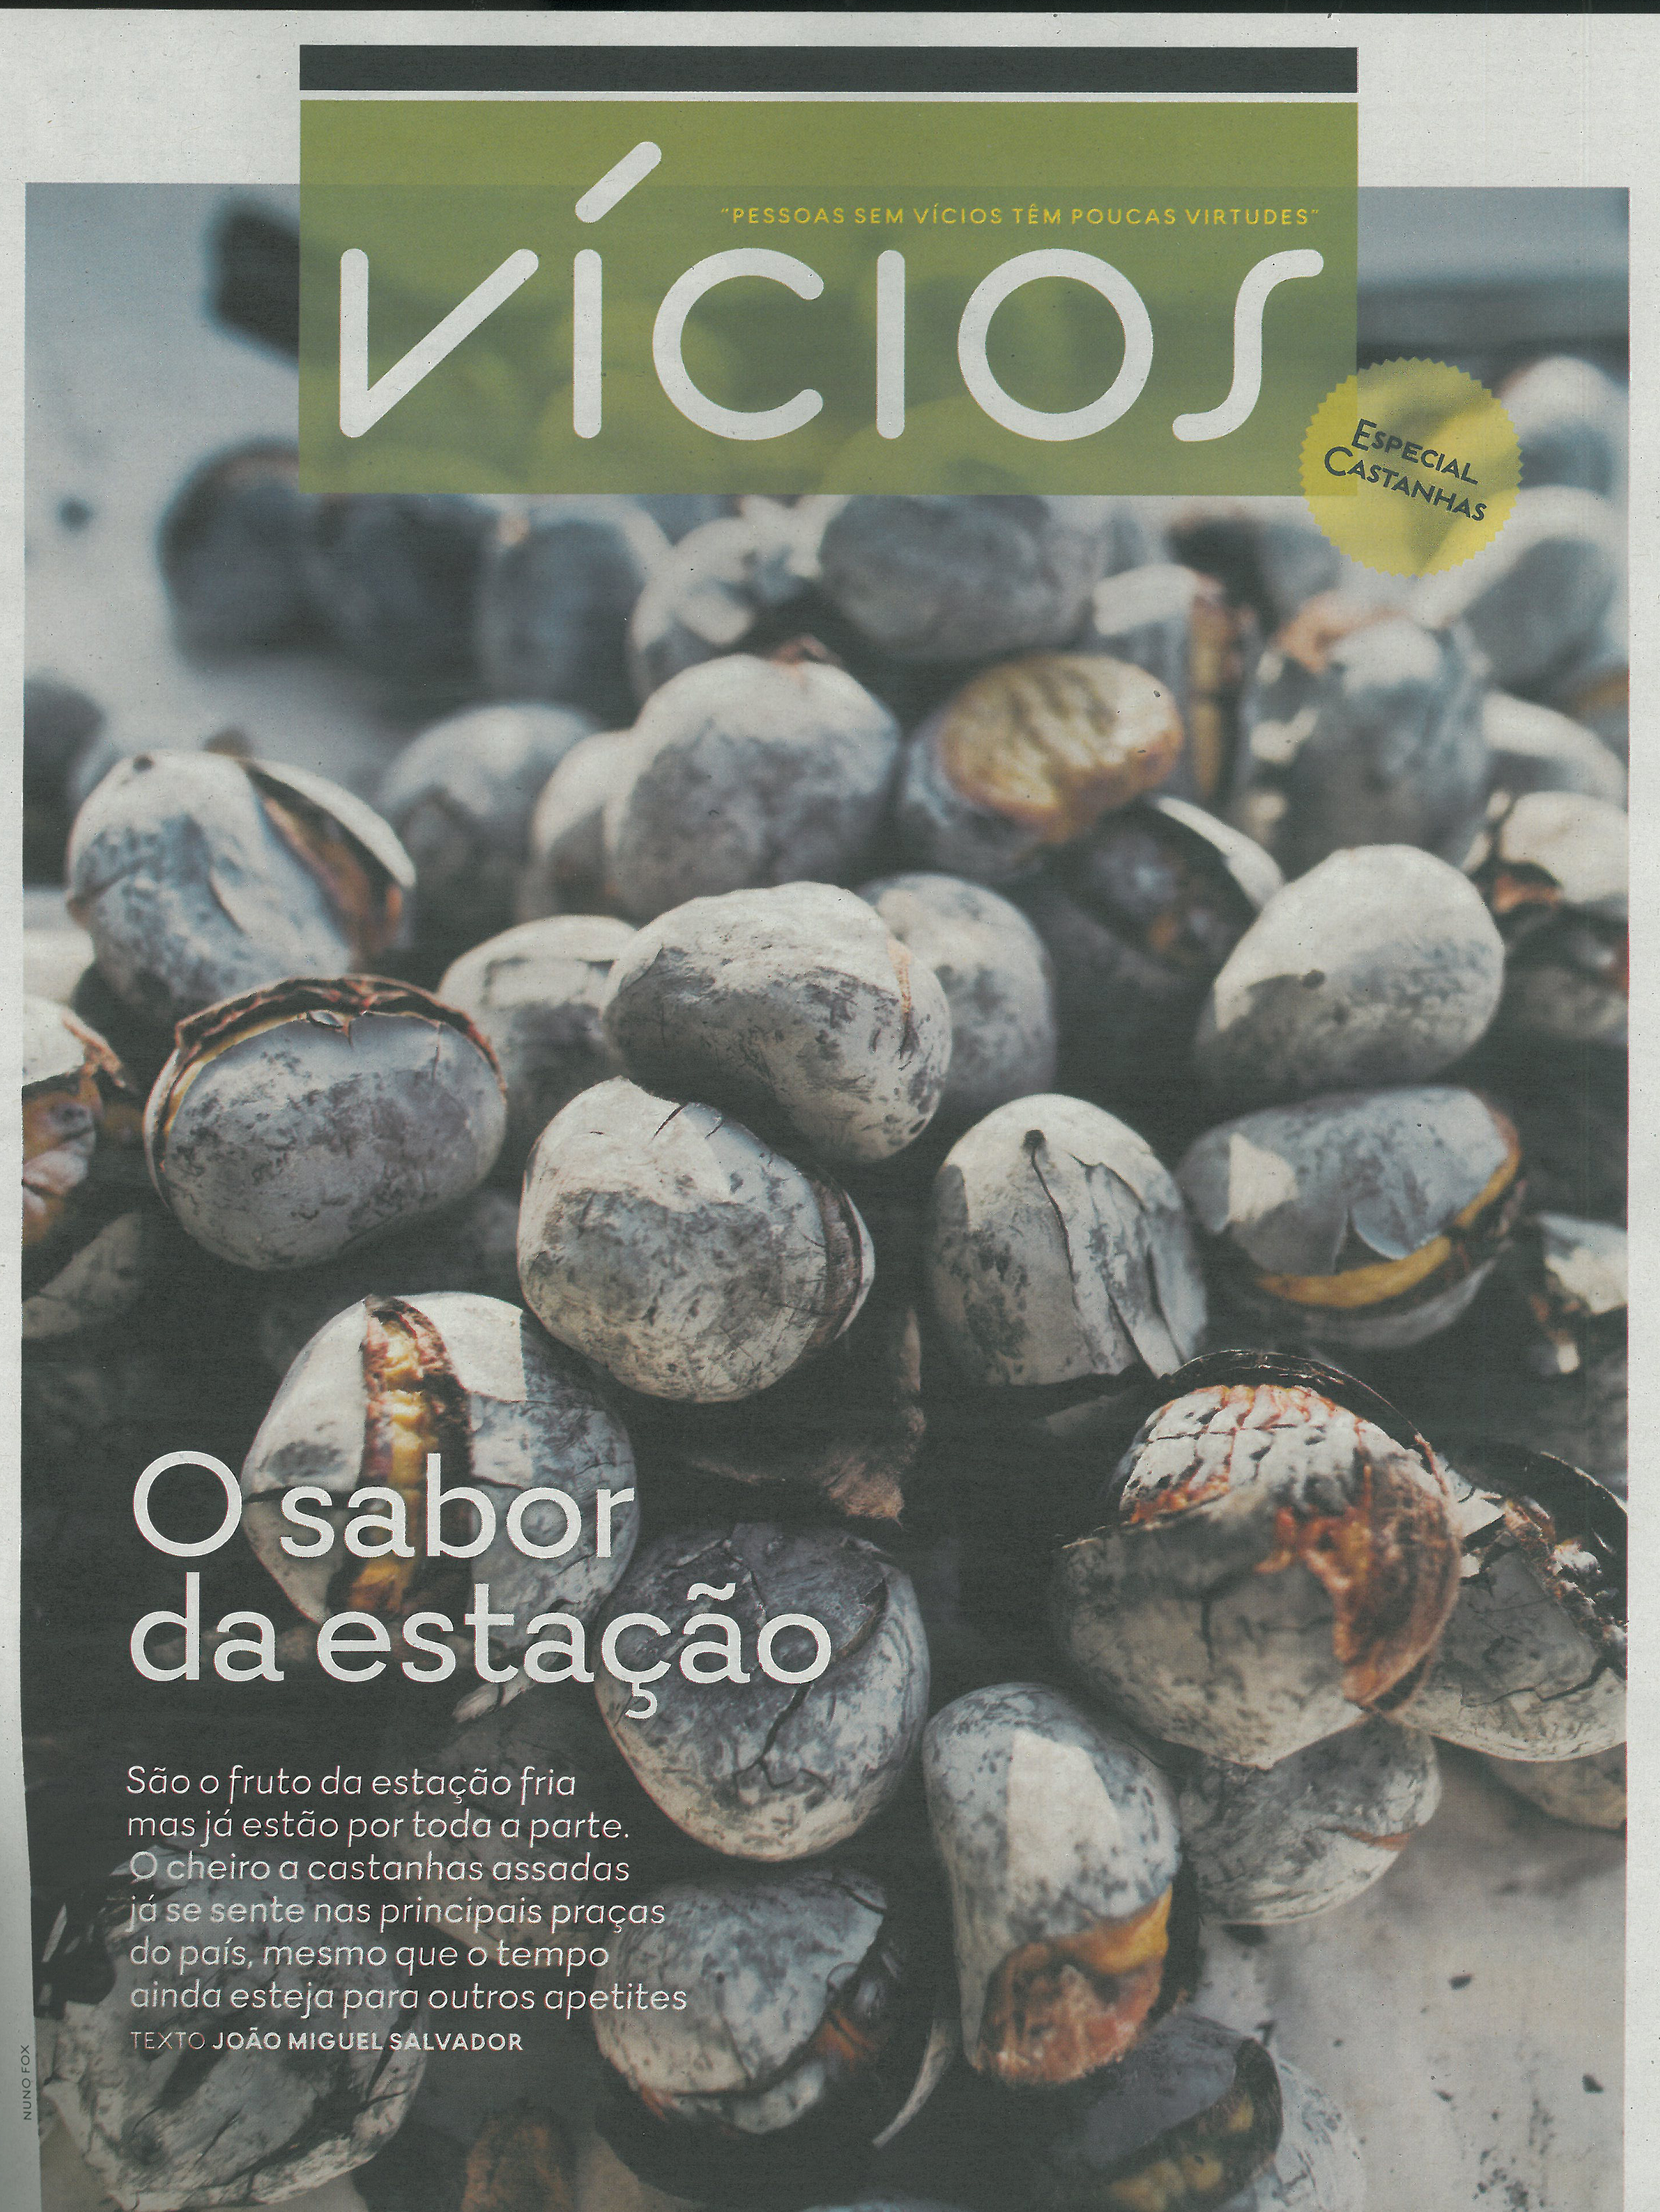 Castanha de Sernancelhe na Revista do Expresso de 4 de novembro